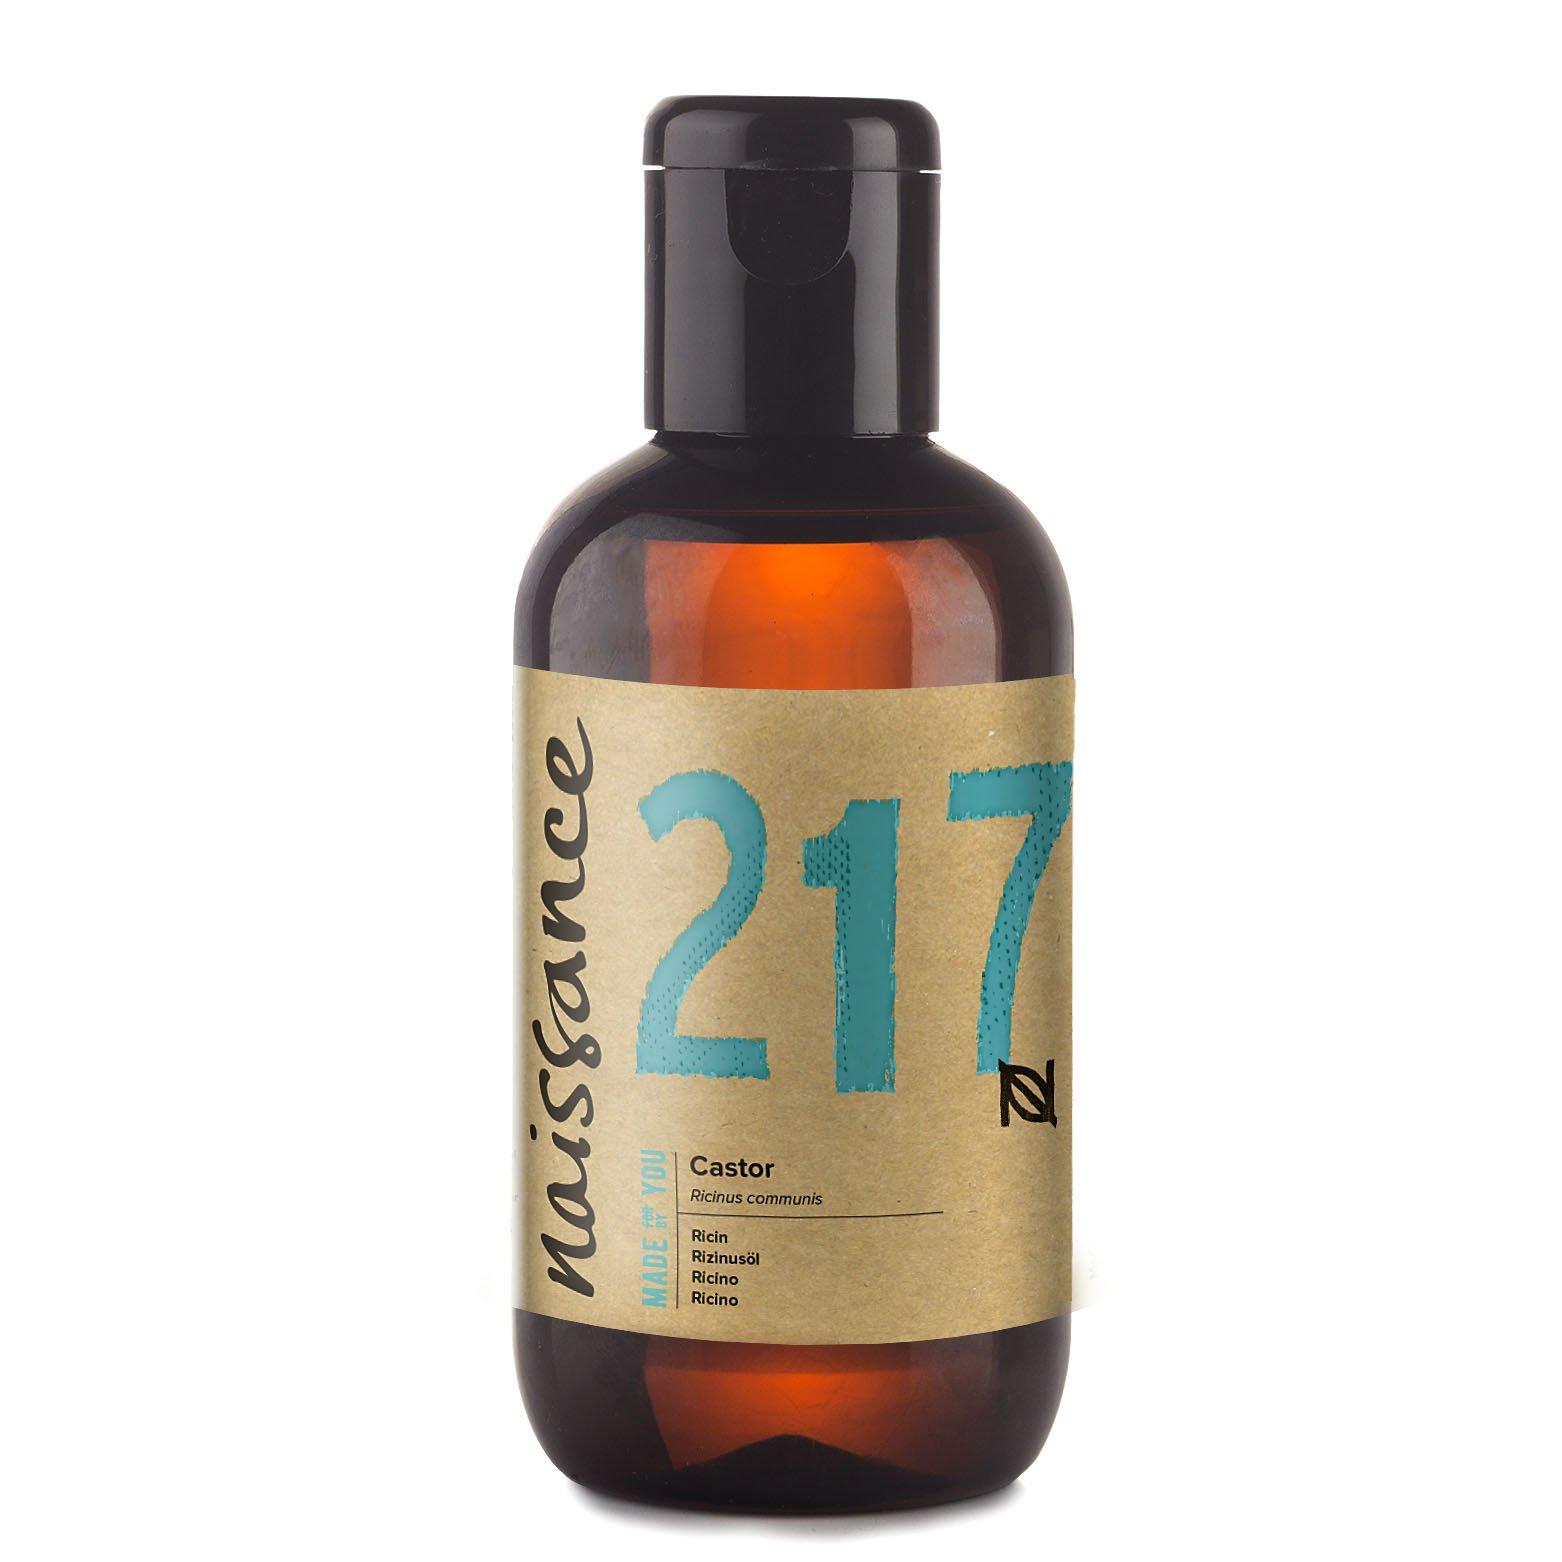 Naissance Aceite de Ricino 100ml - Puro, natural, vegano, sin hexano, no